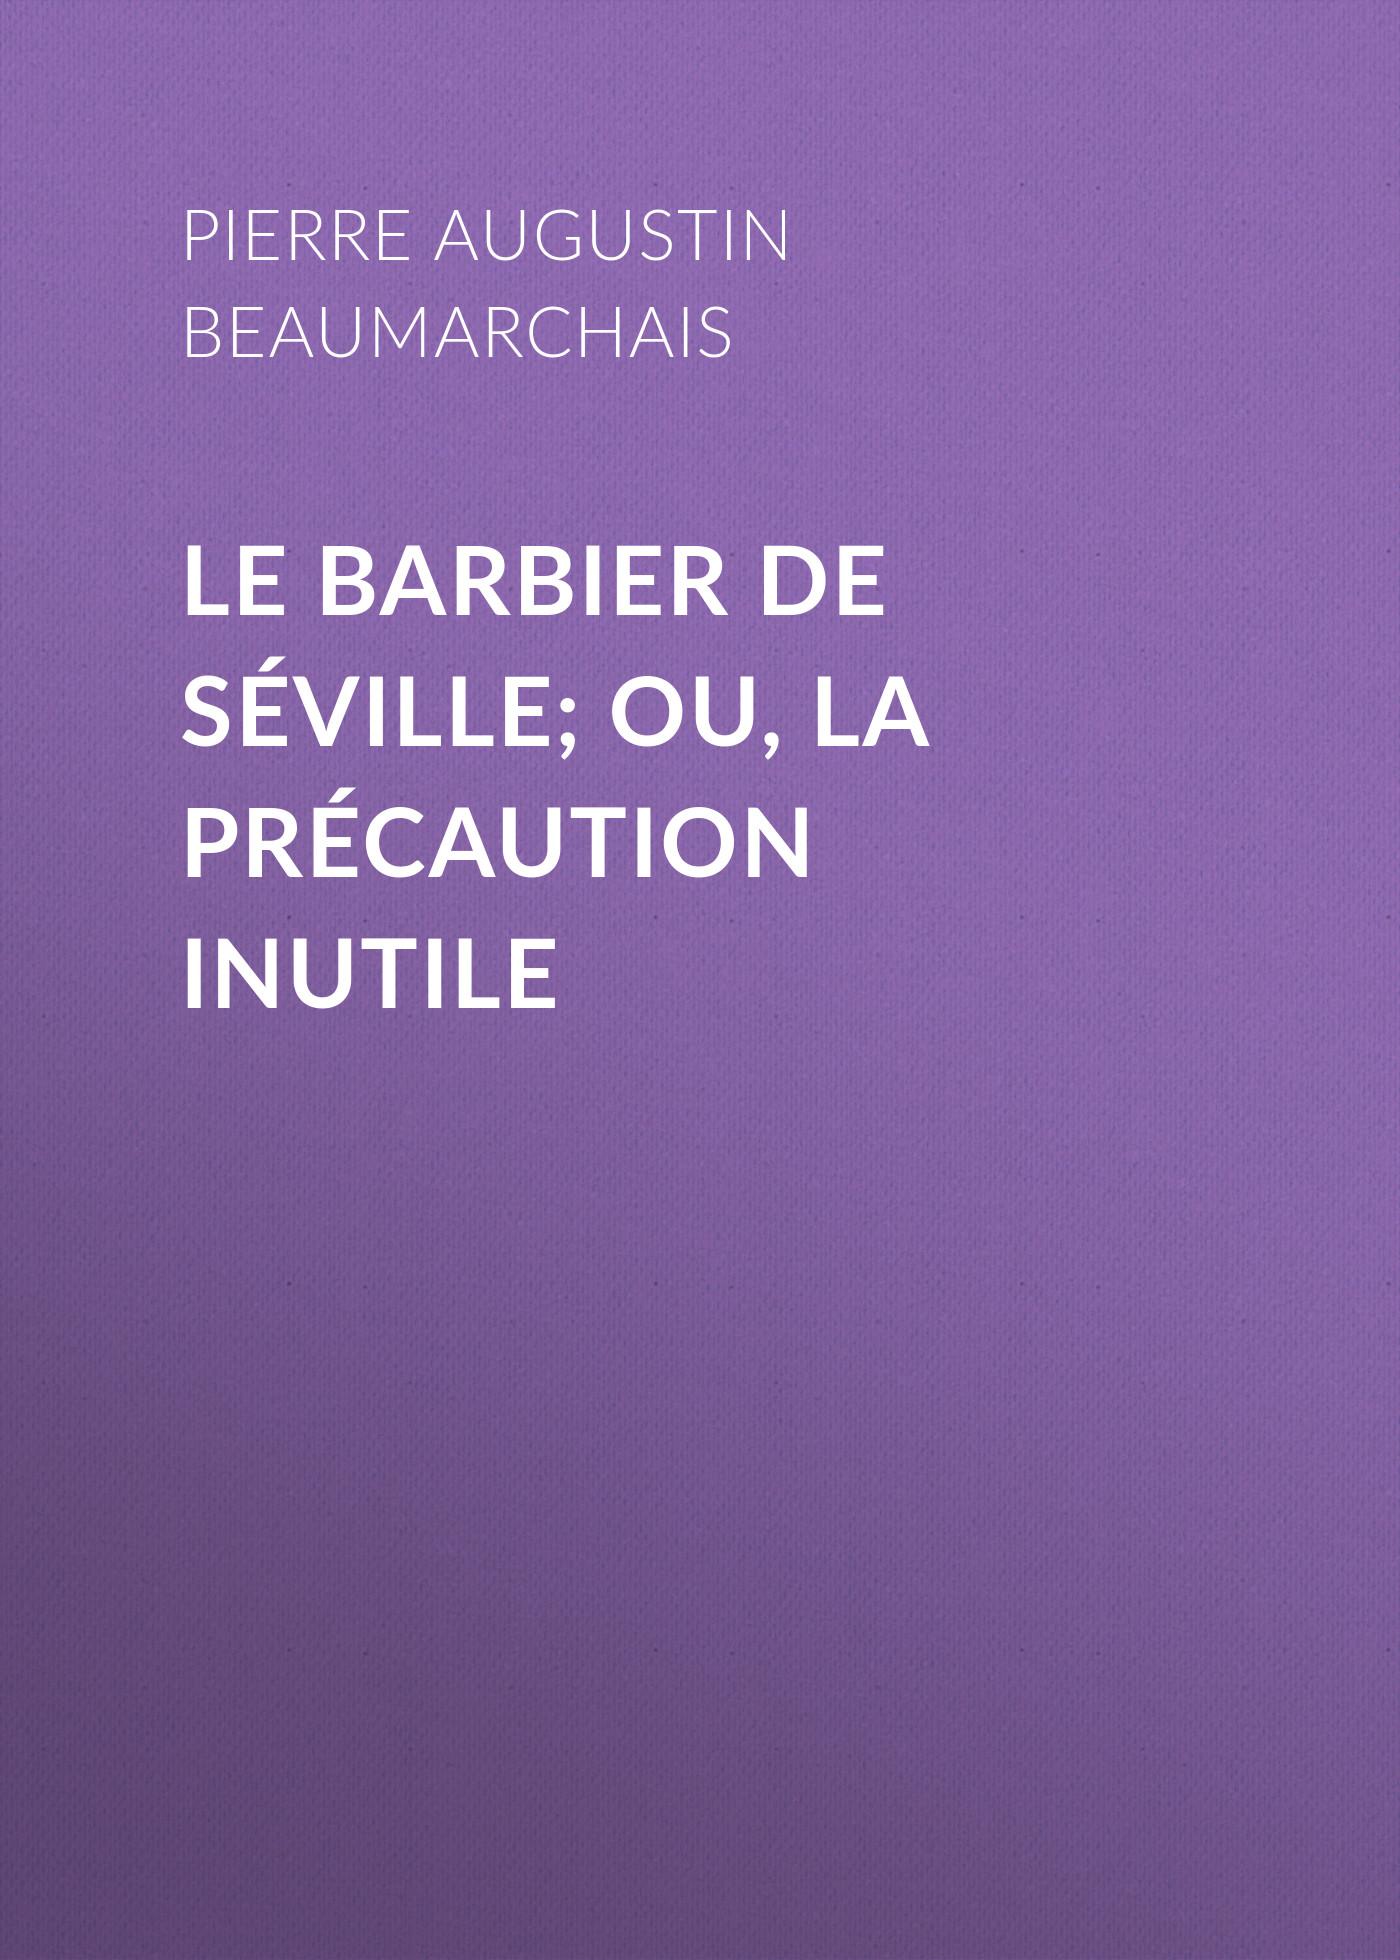 цена Pierre Augustin Caron de Beaumarchais Le barbier de Séville; ou, la précaution inutile в интернет-магазинах